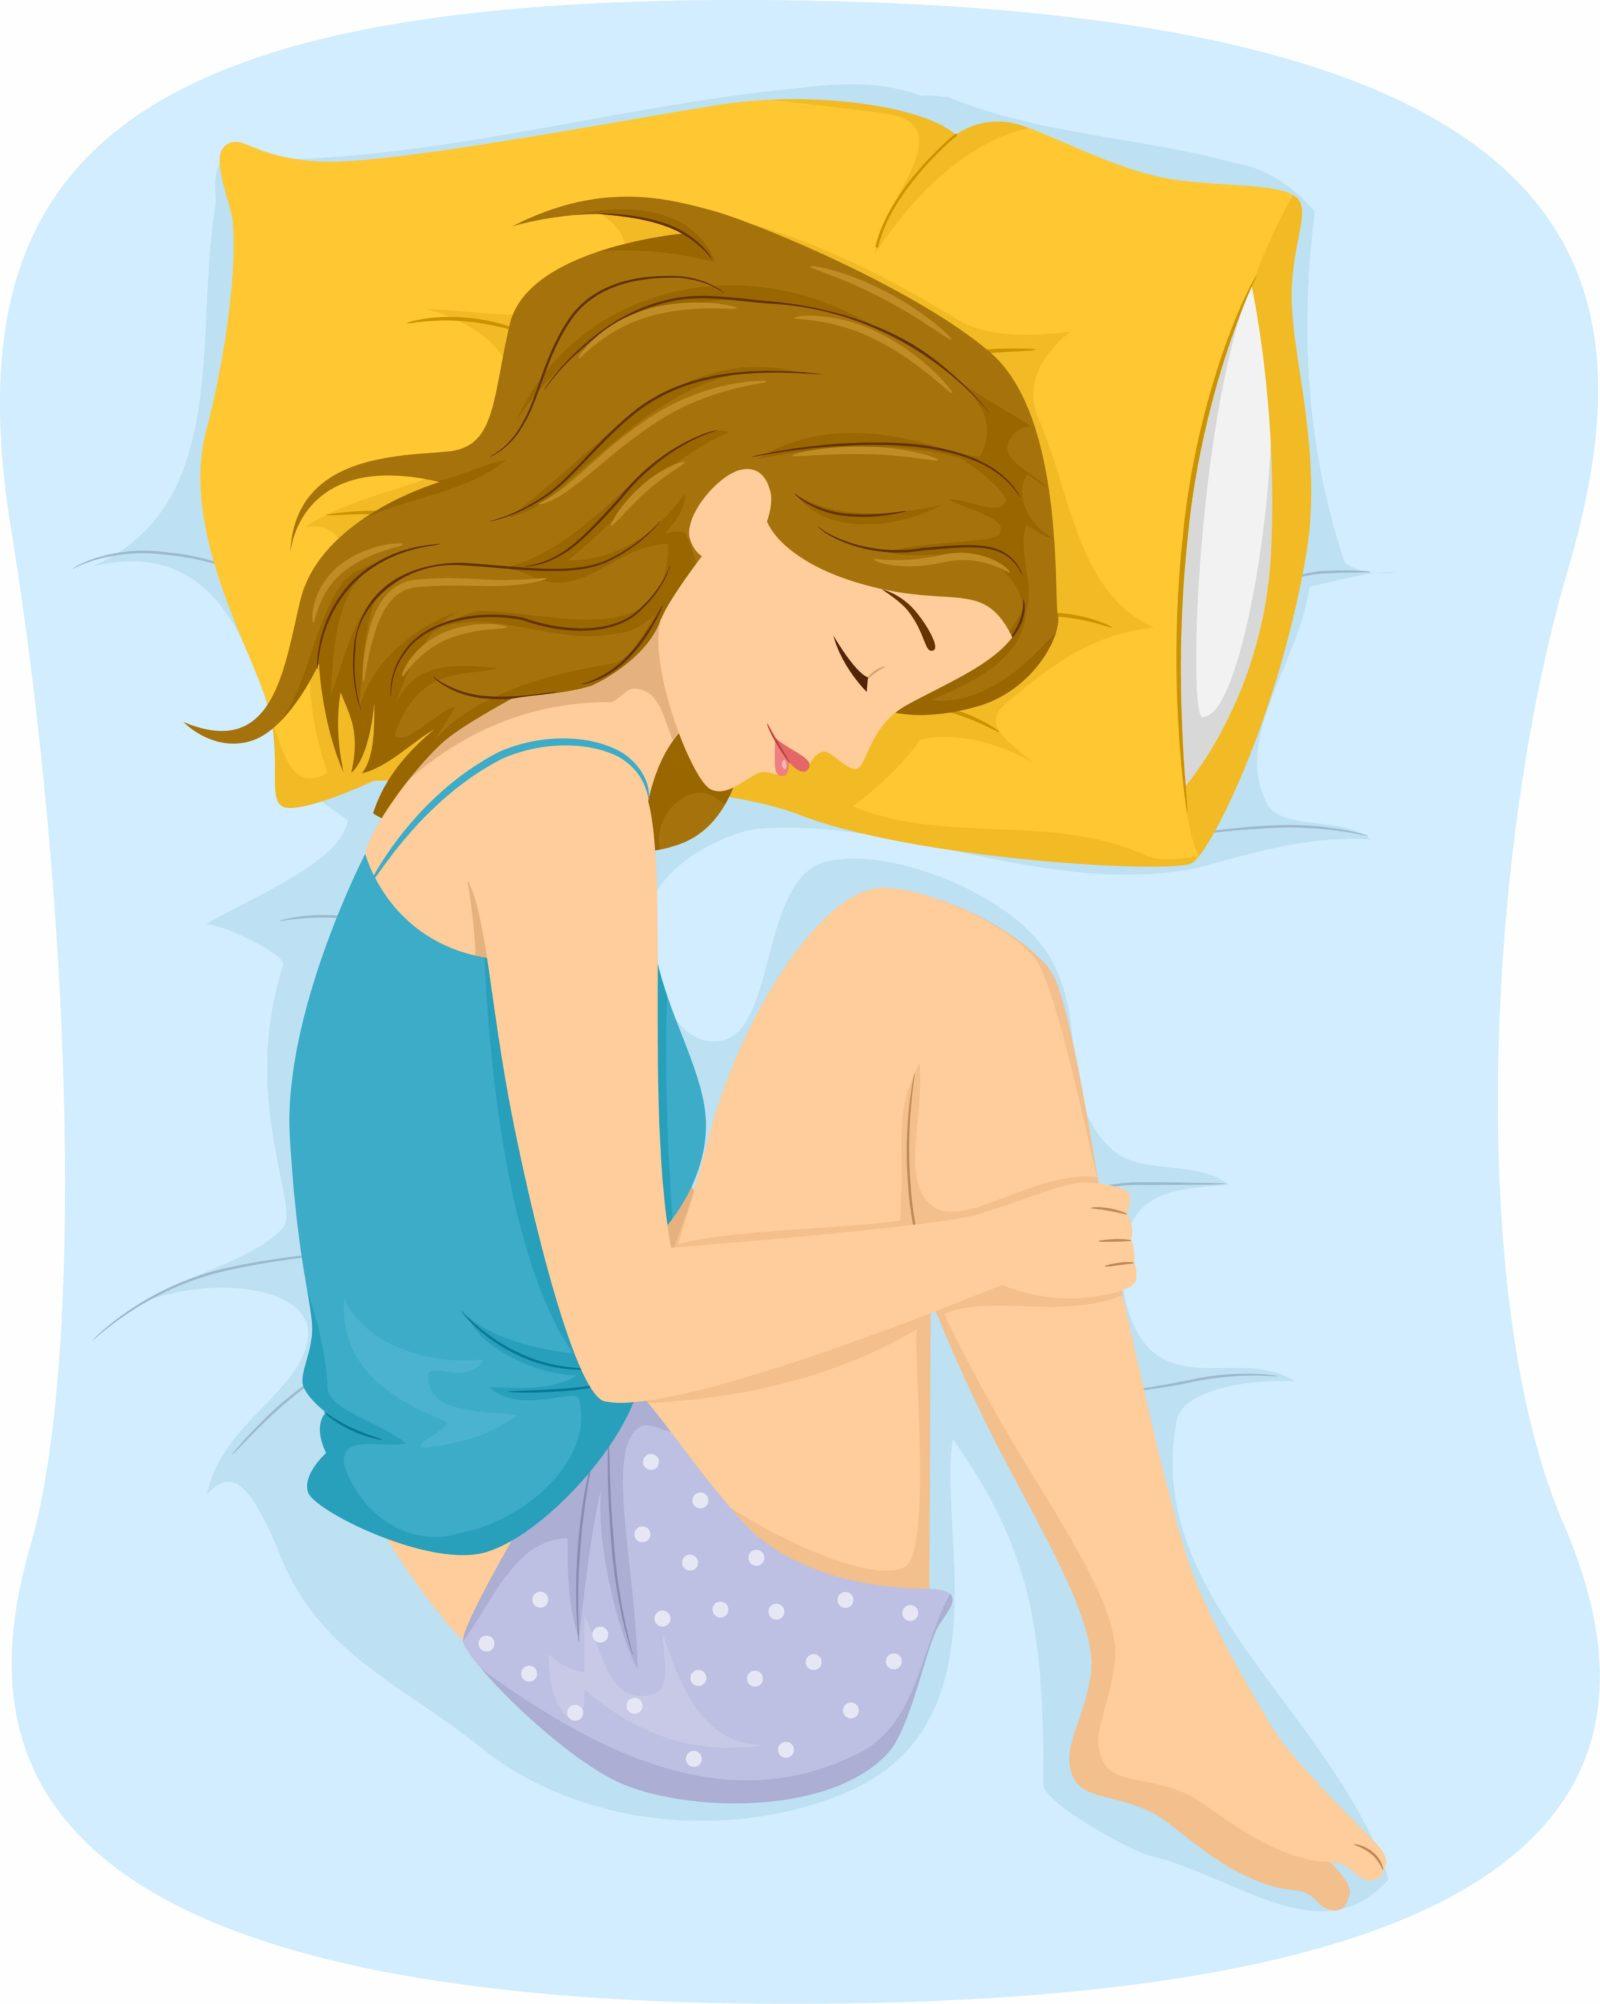 woman sleeping in fetal position